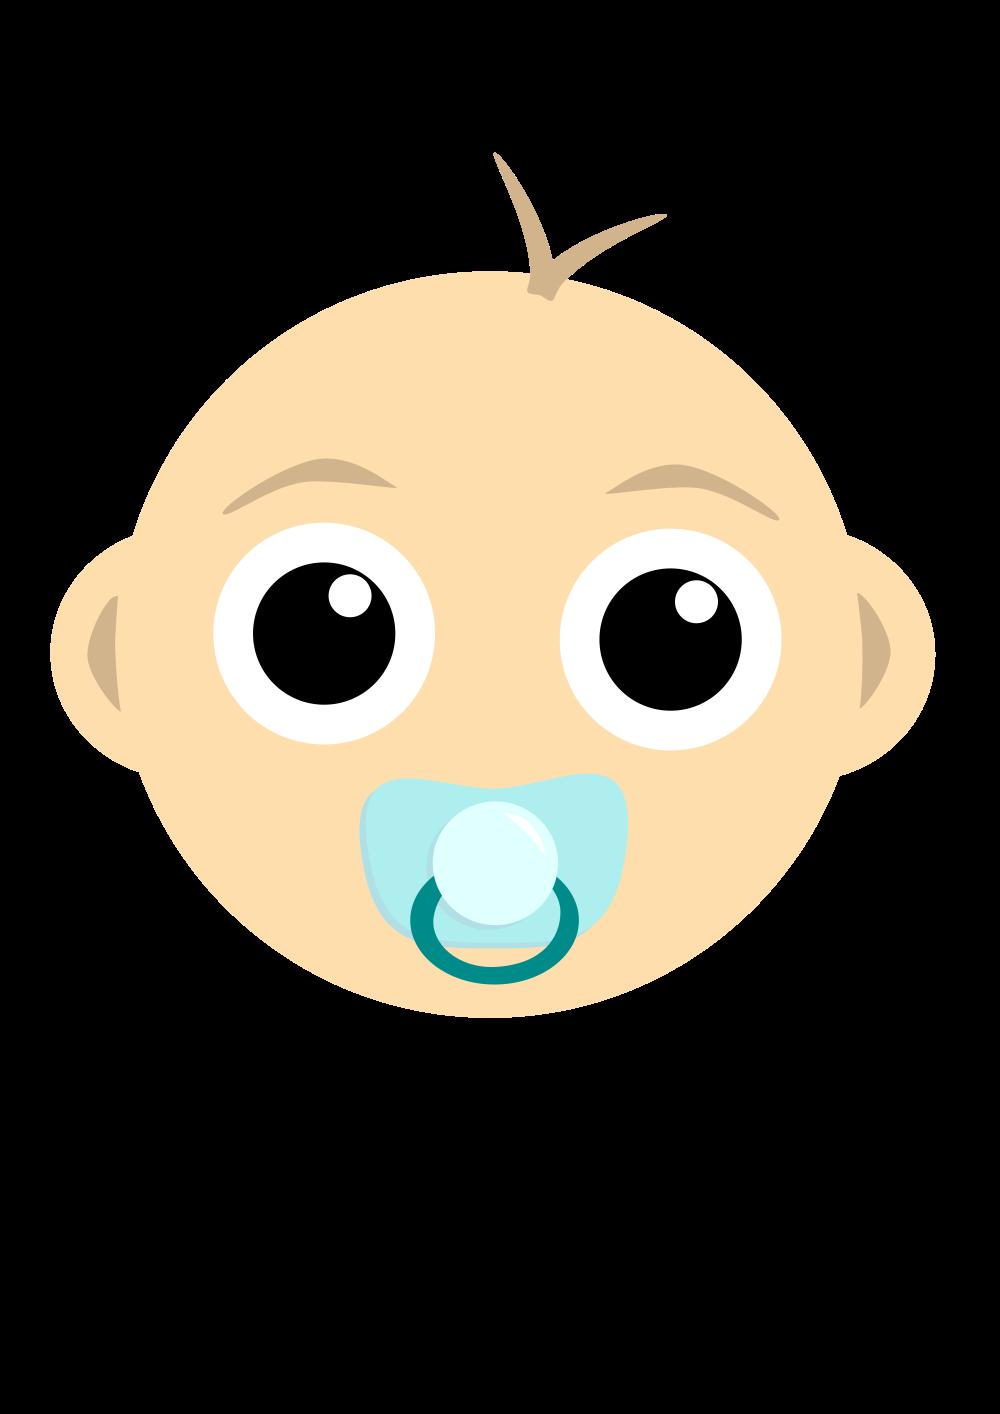 OnlineLabels Clip Art - Baby Head